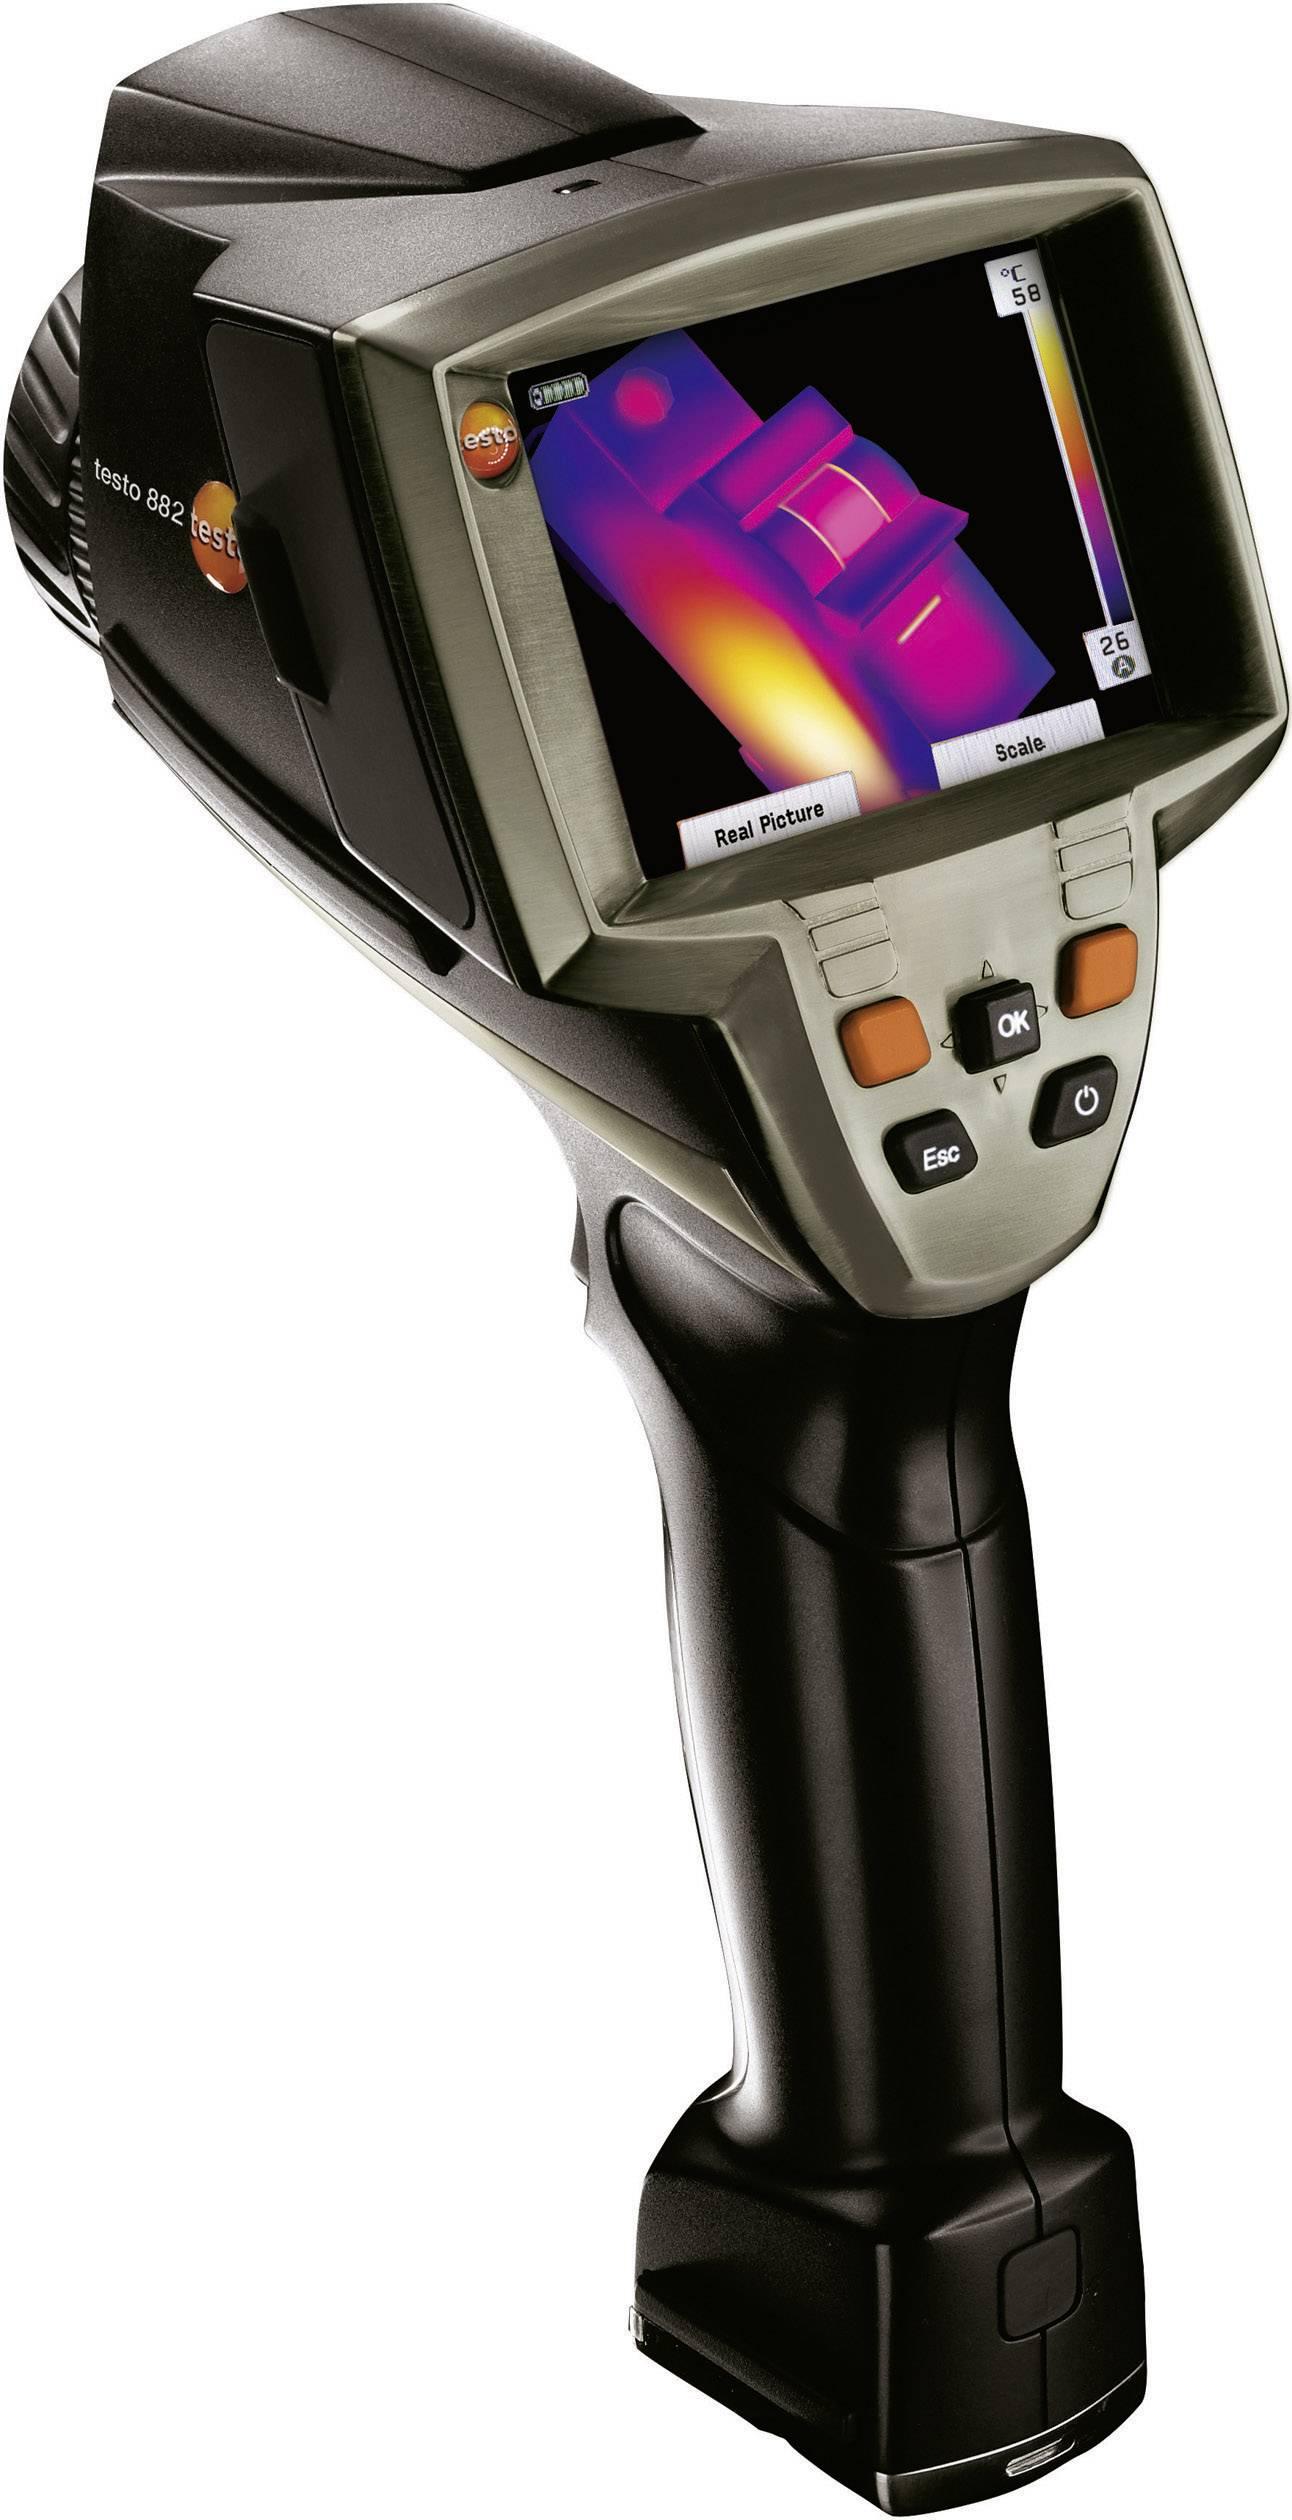 Termálna kamera testo 882 0560 0882 + B1, 320 x 240 pix